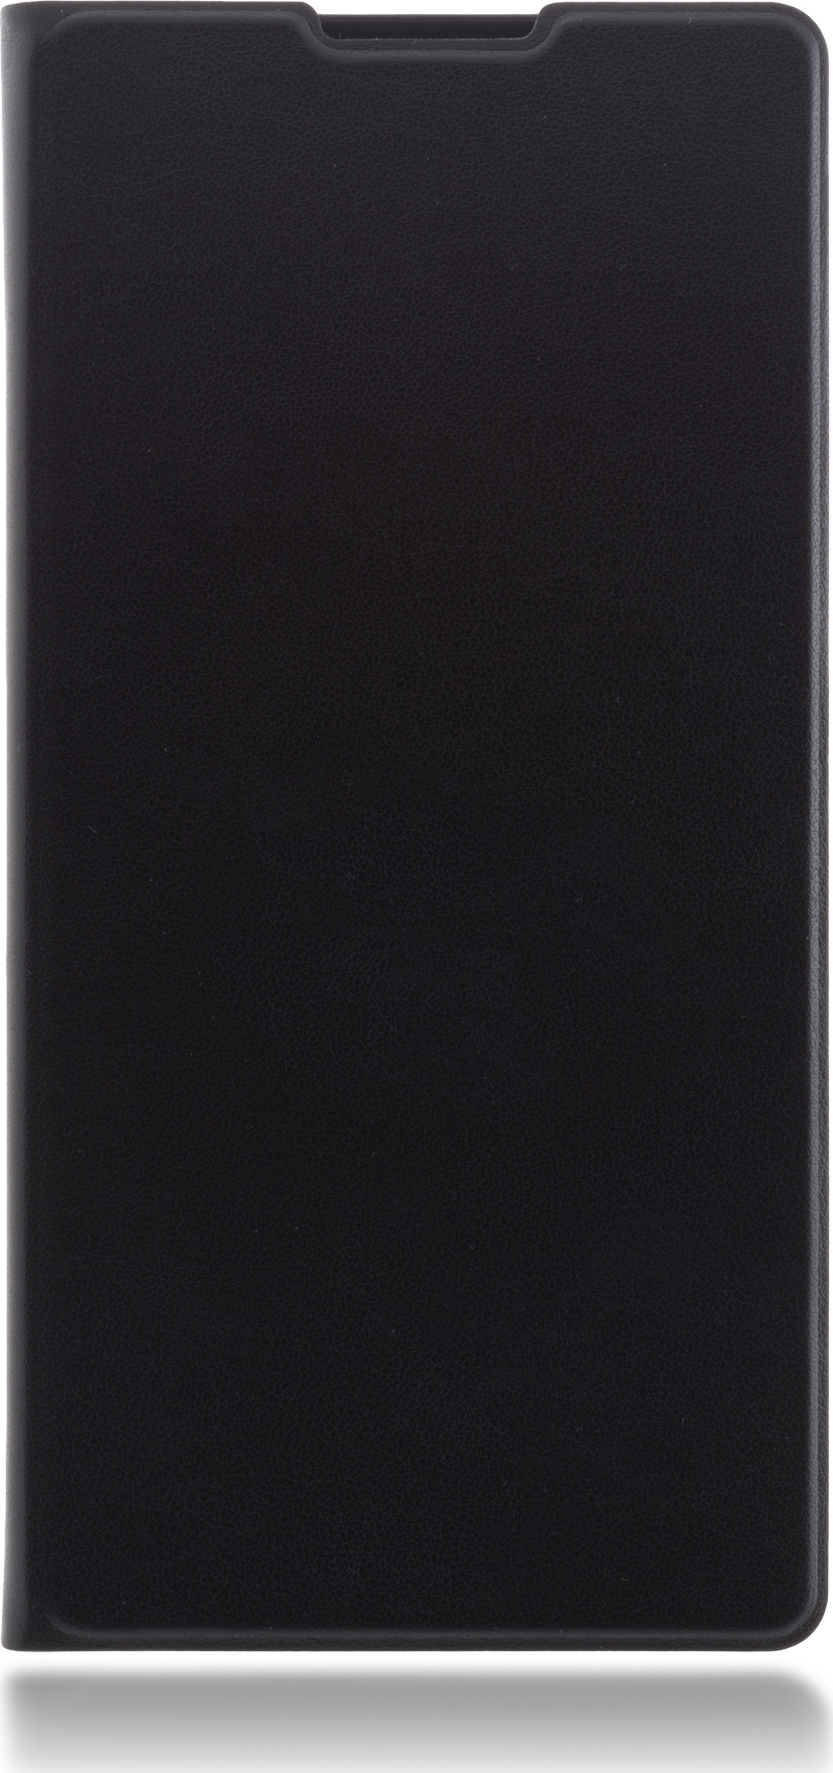 Чехол Brosco Book для Sony Xperia XA Ultra, черный чехол книжка gresso канцлер для sony xperia xa ultra черный